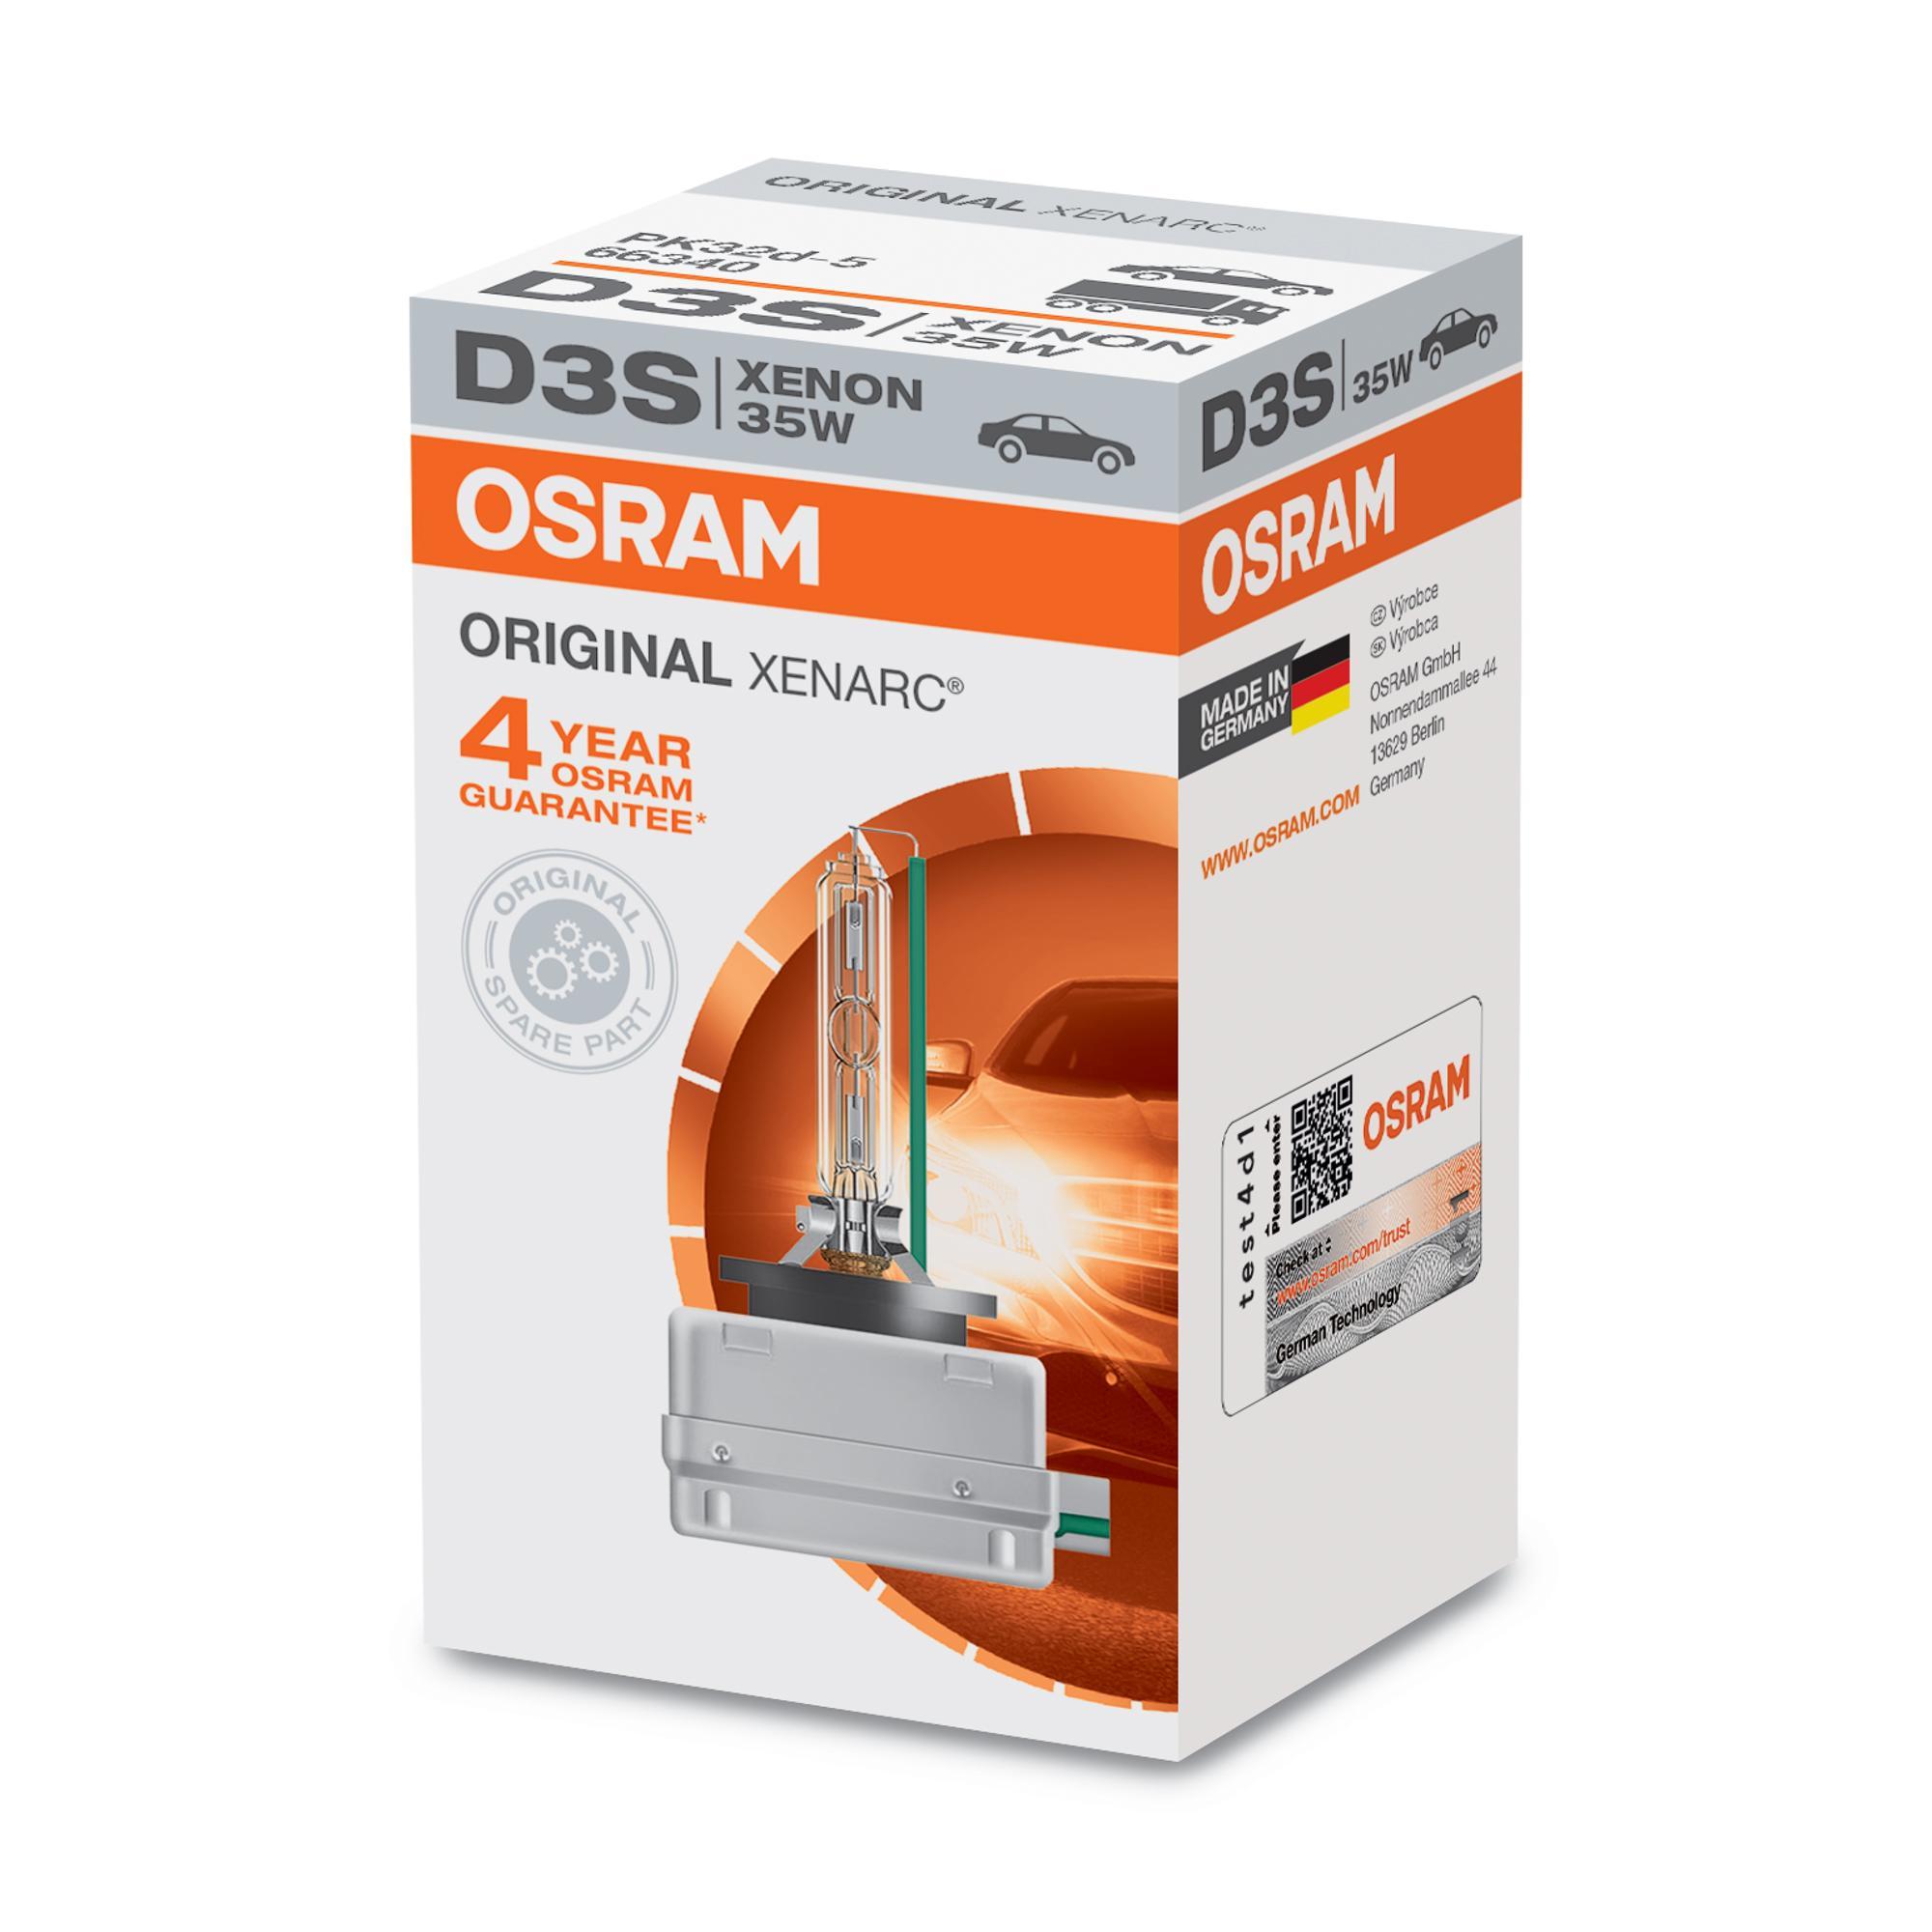 Kupi D3S OSRAM XENARC ORIGINAL 35W, D3S (, 42V Zarnica, zaromet z dolgo lucjo 66340 poceni